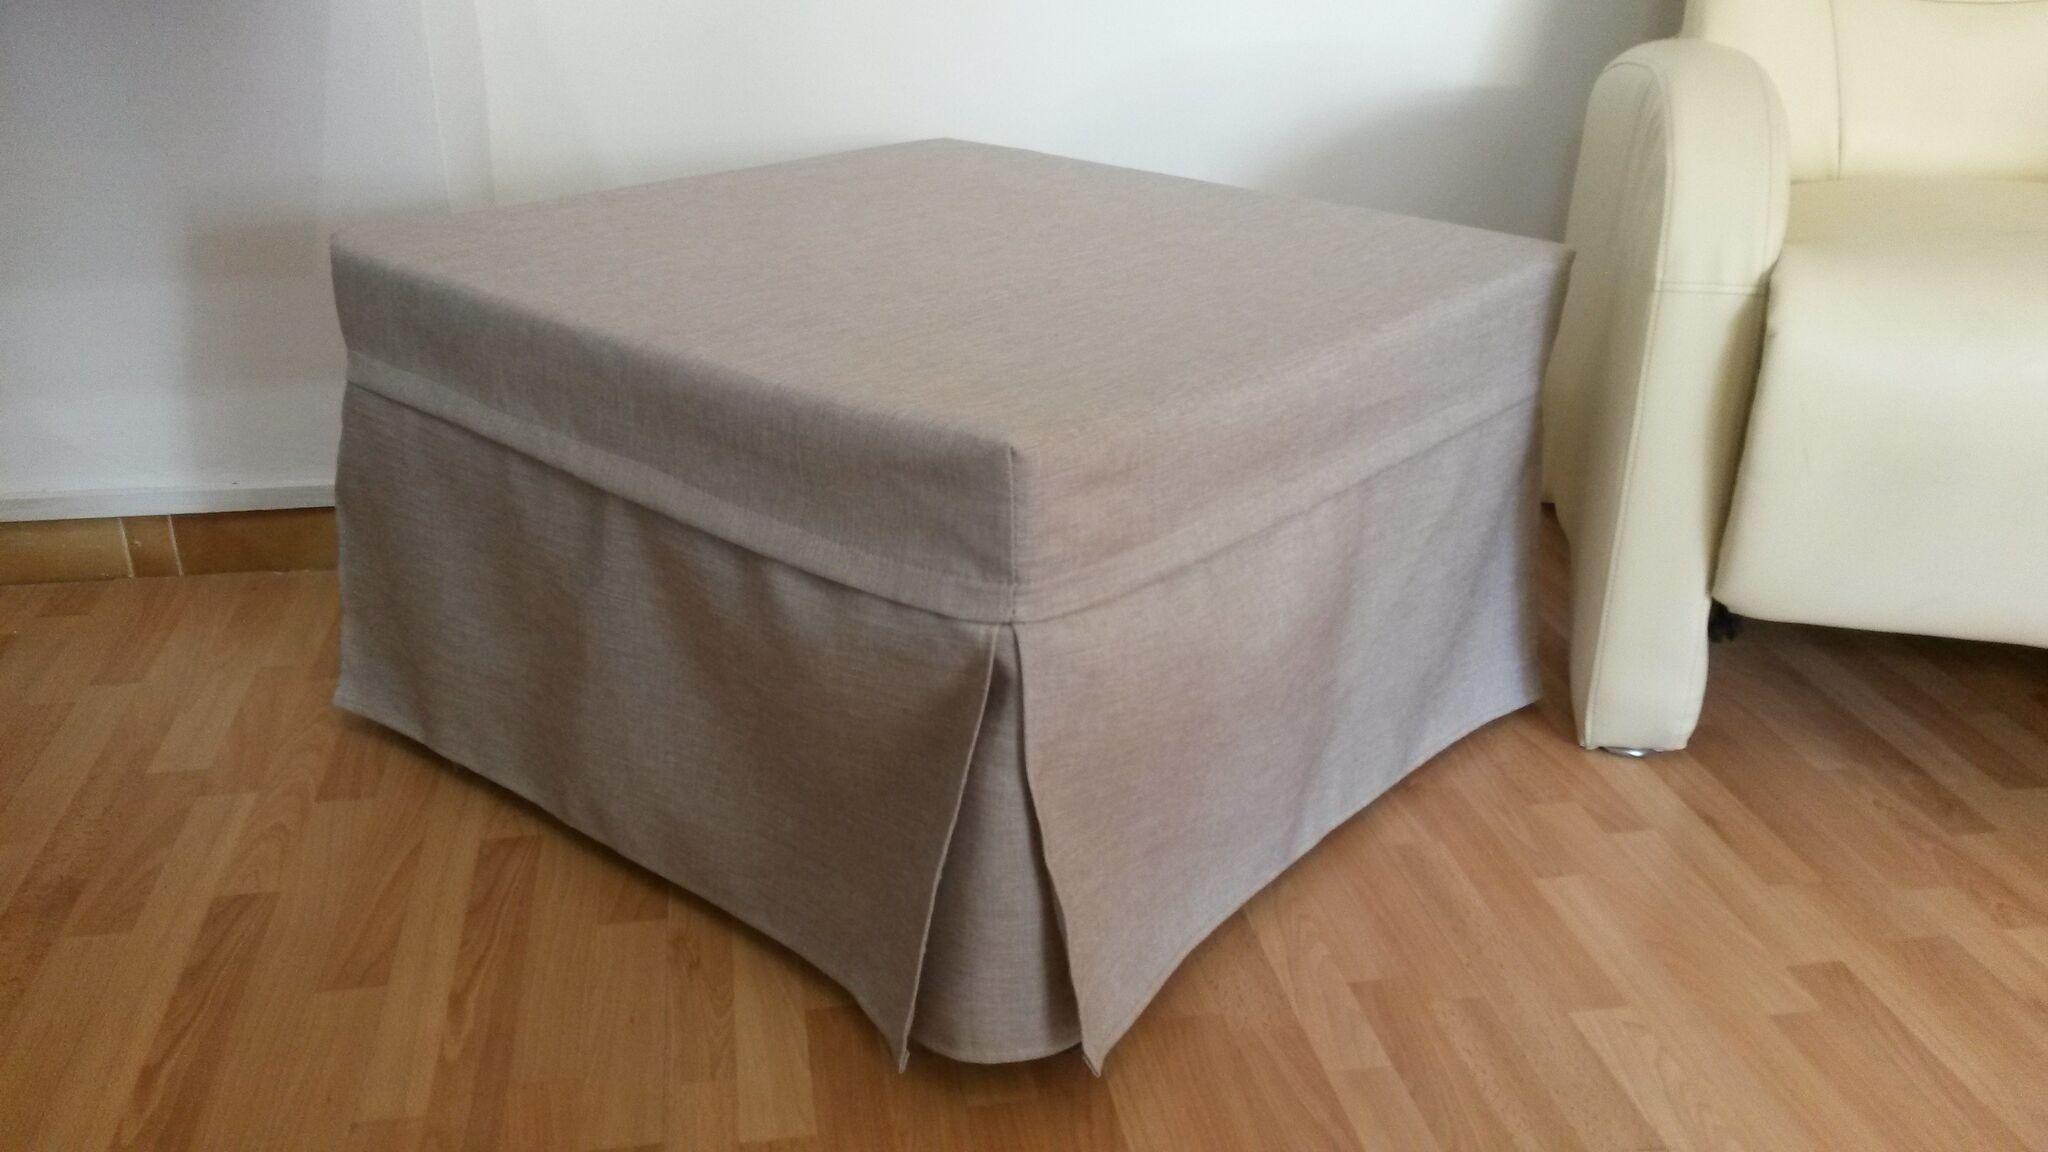 Pouff letto in tessuto facilmente lavabile made in italy for Piani letto log gratuiti